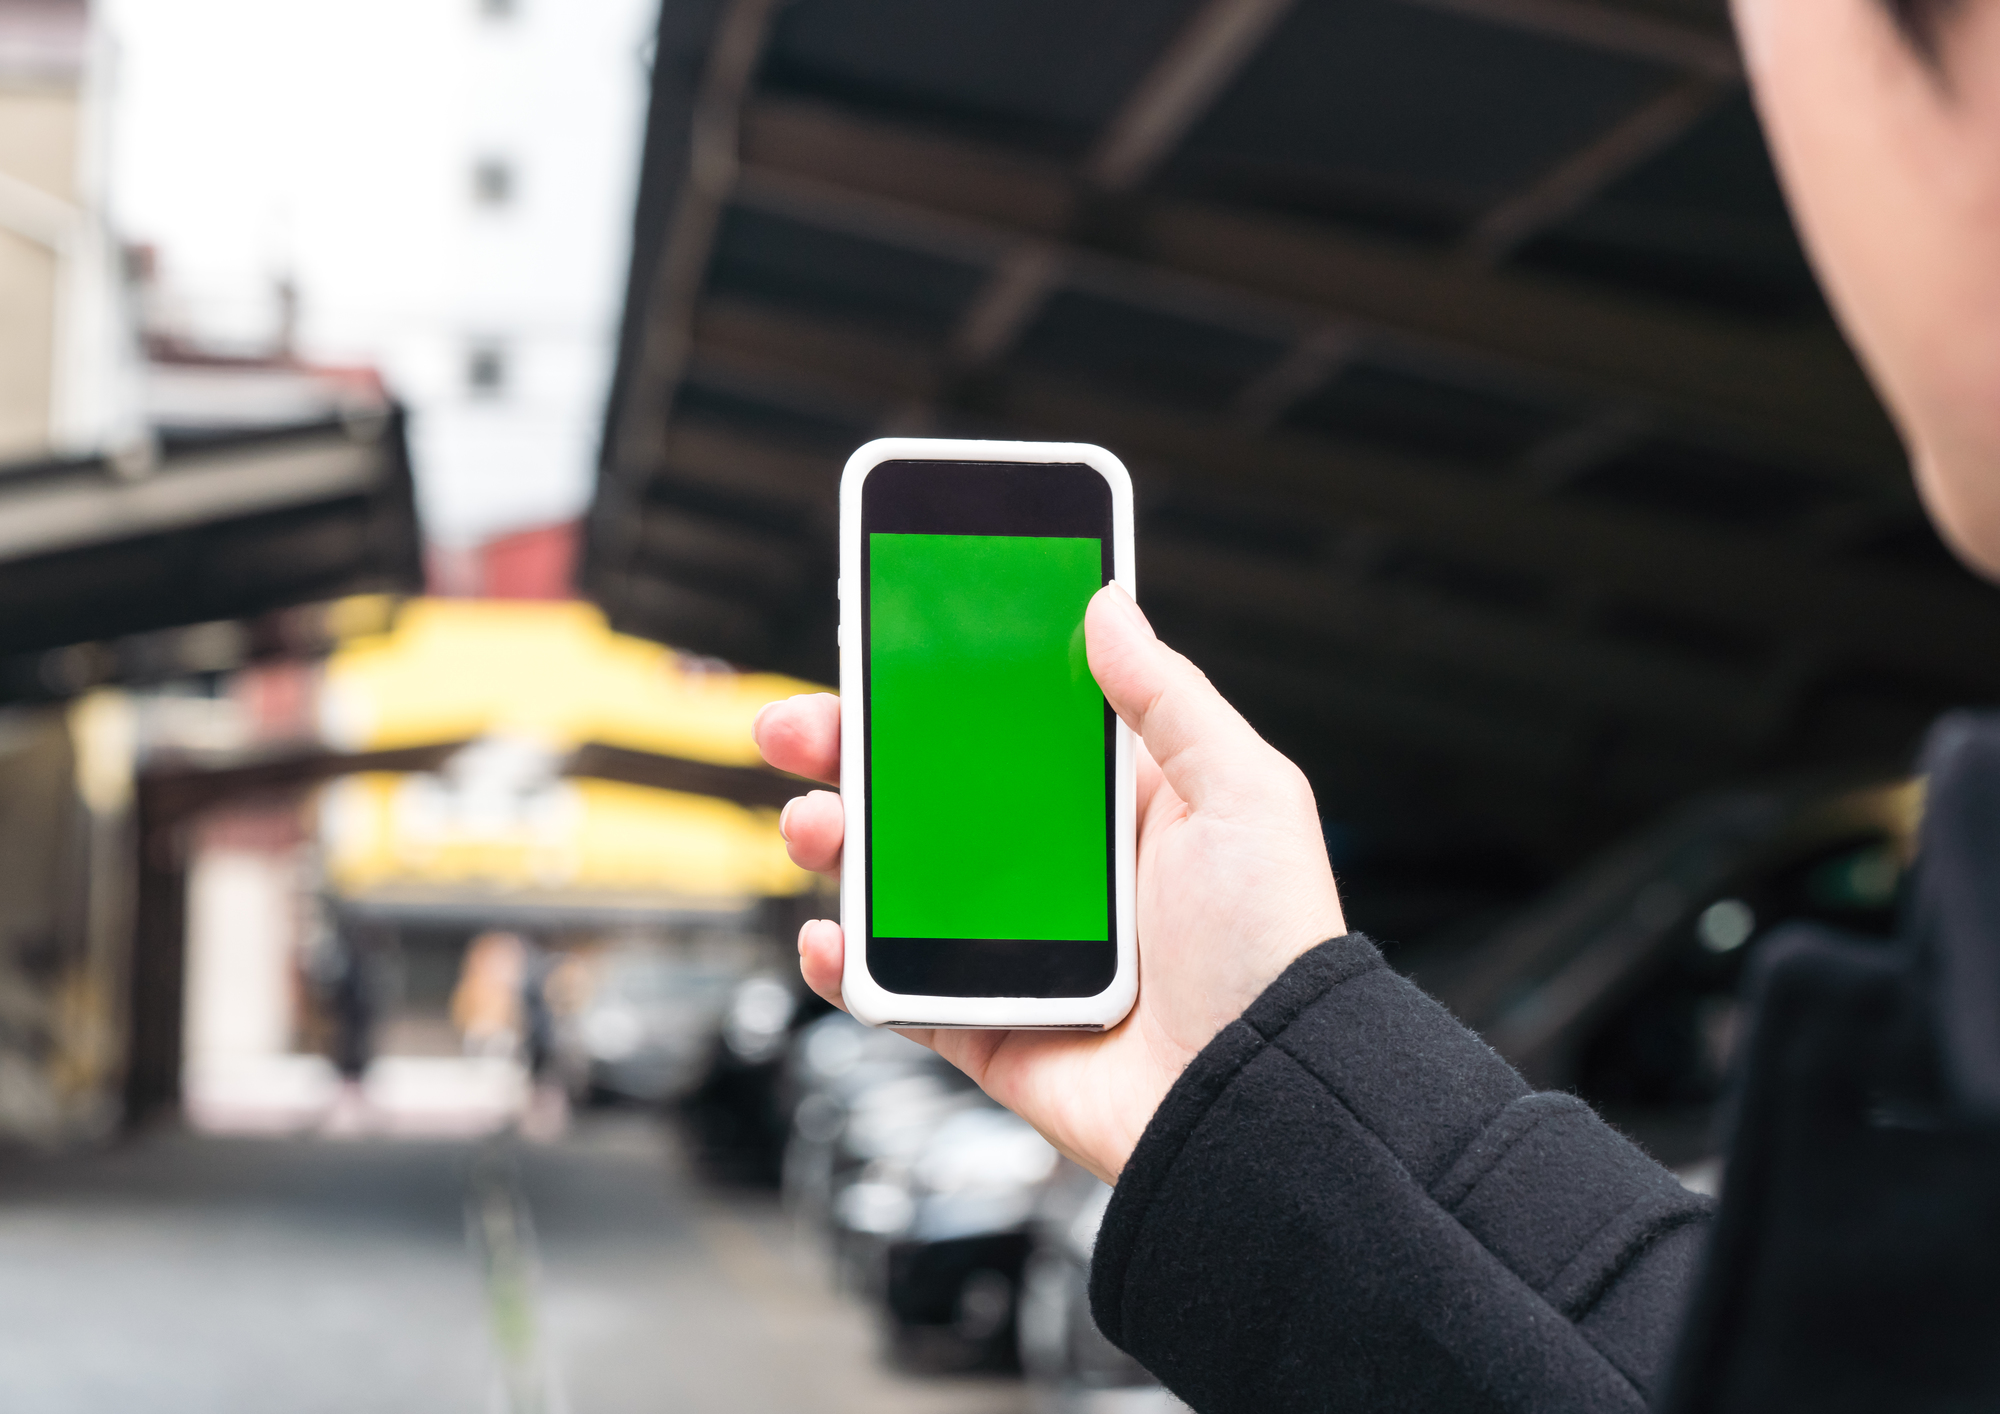 5_【初心者向け】iPhoneの「iOS」とは何?意味や性能をわかりやすく解説!